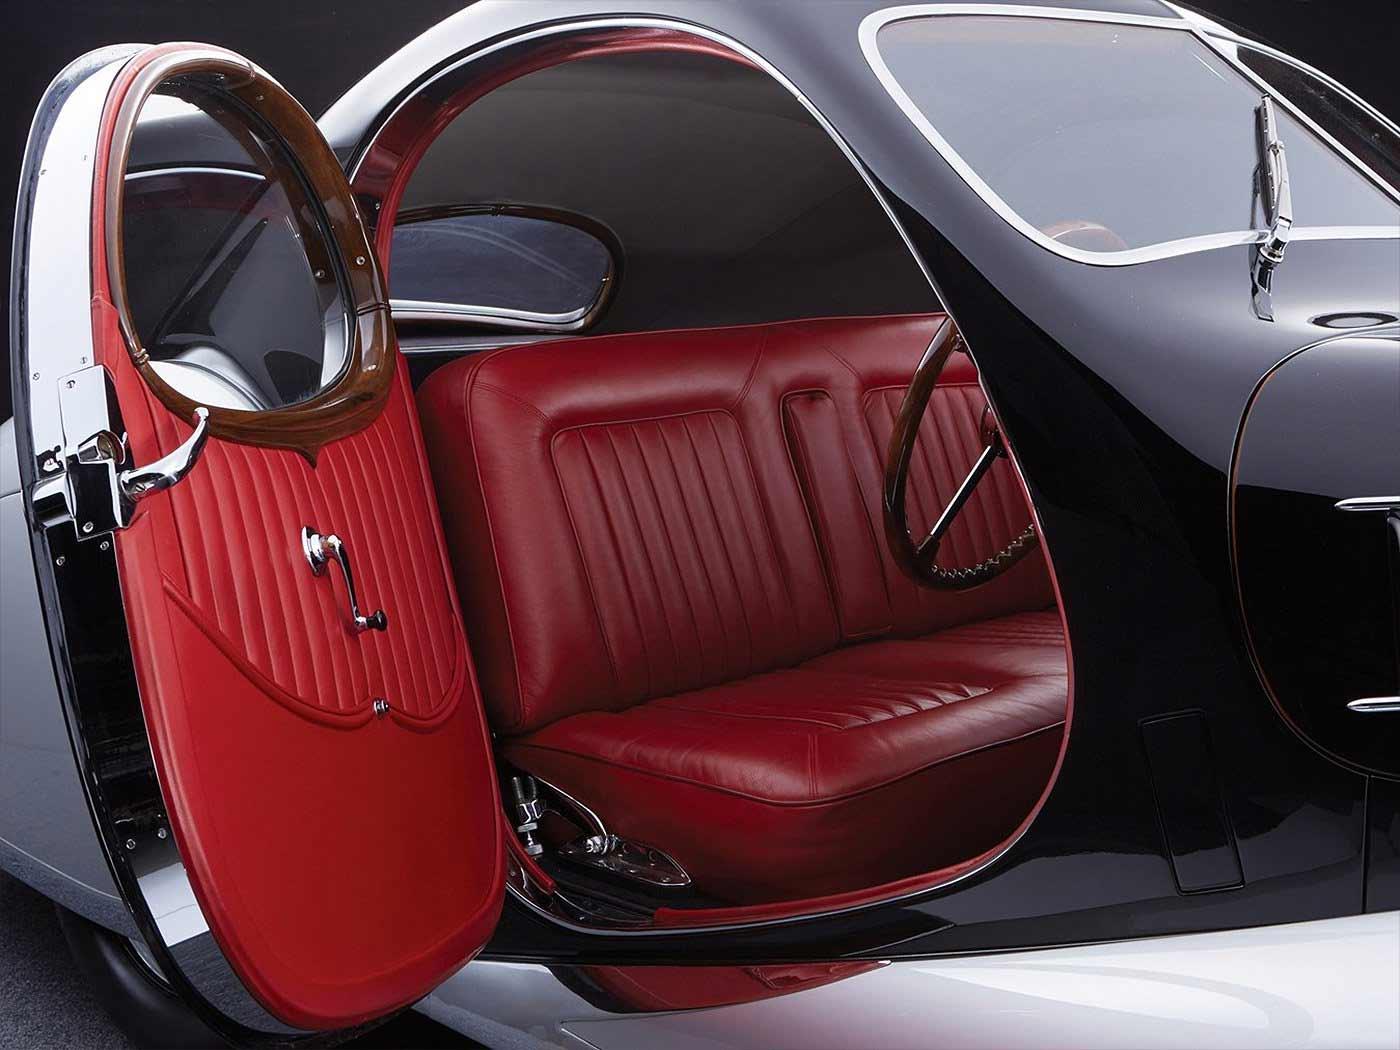 1937 Talbot-Lago T150-C SS Goutte d'Eau Coupé 1937-Talbot-Lago-T150-C-SS-Goutte-dEau-Coupe_06